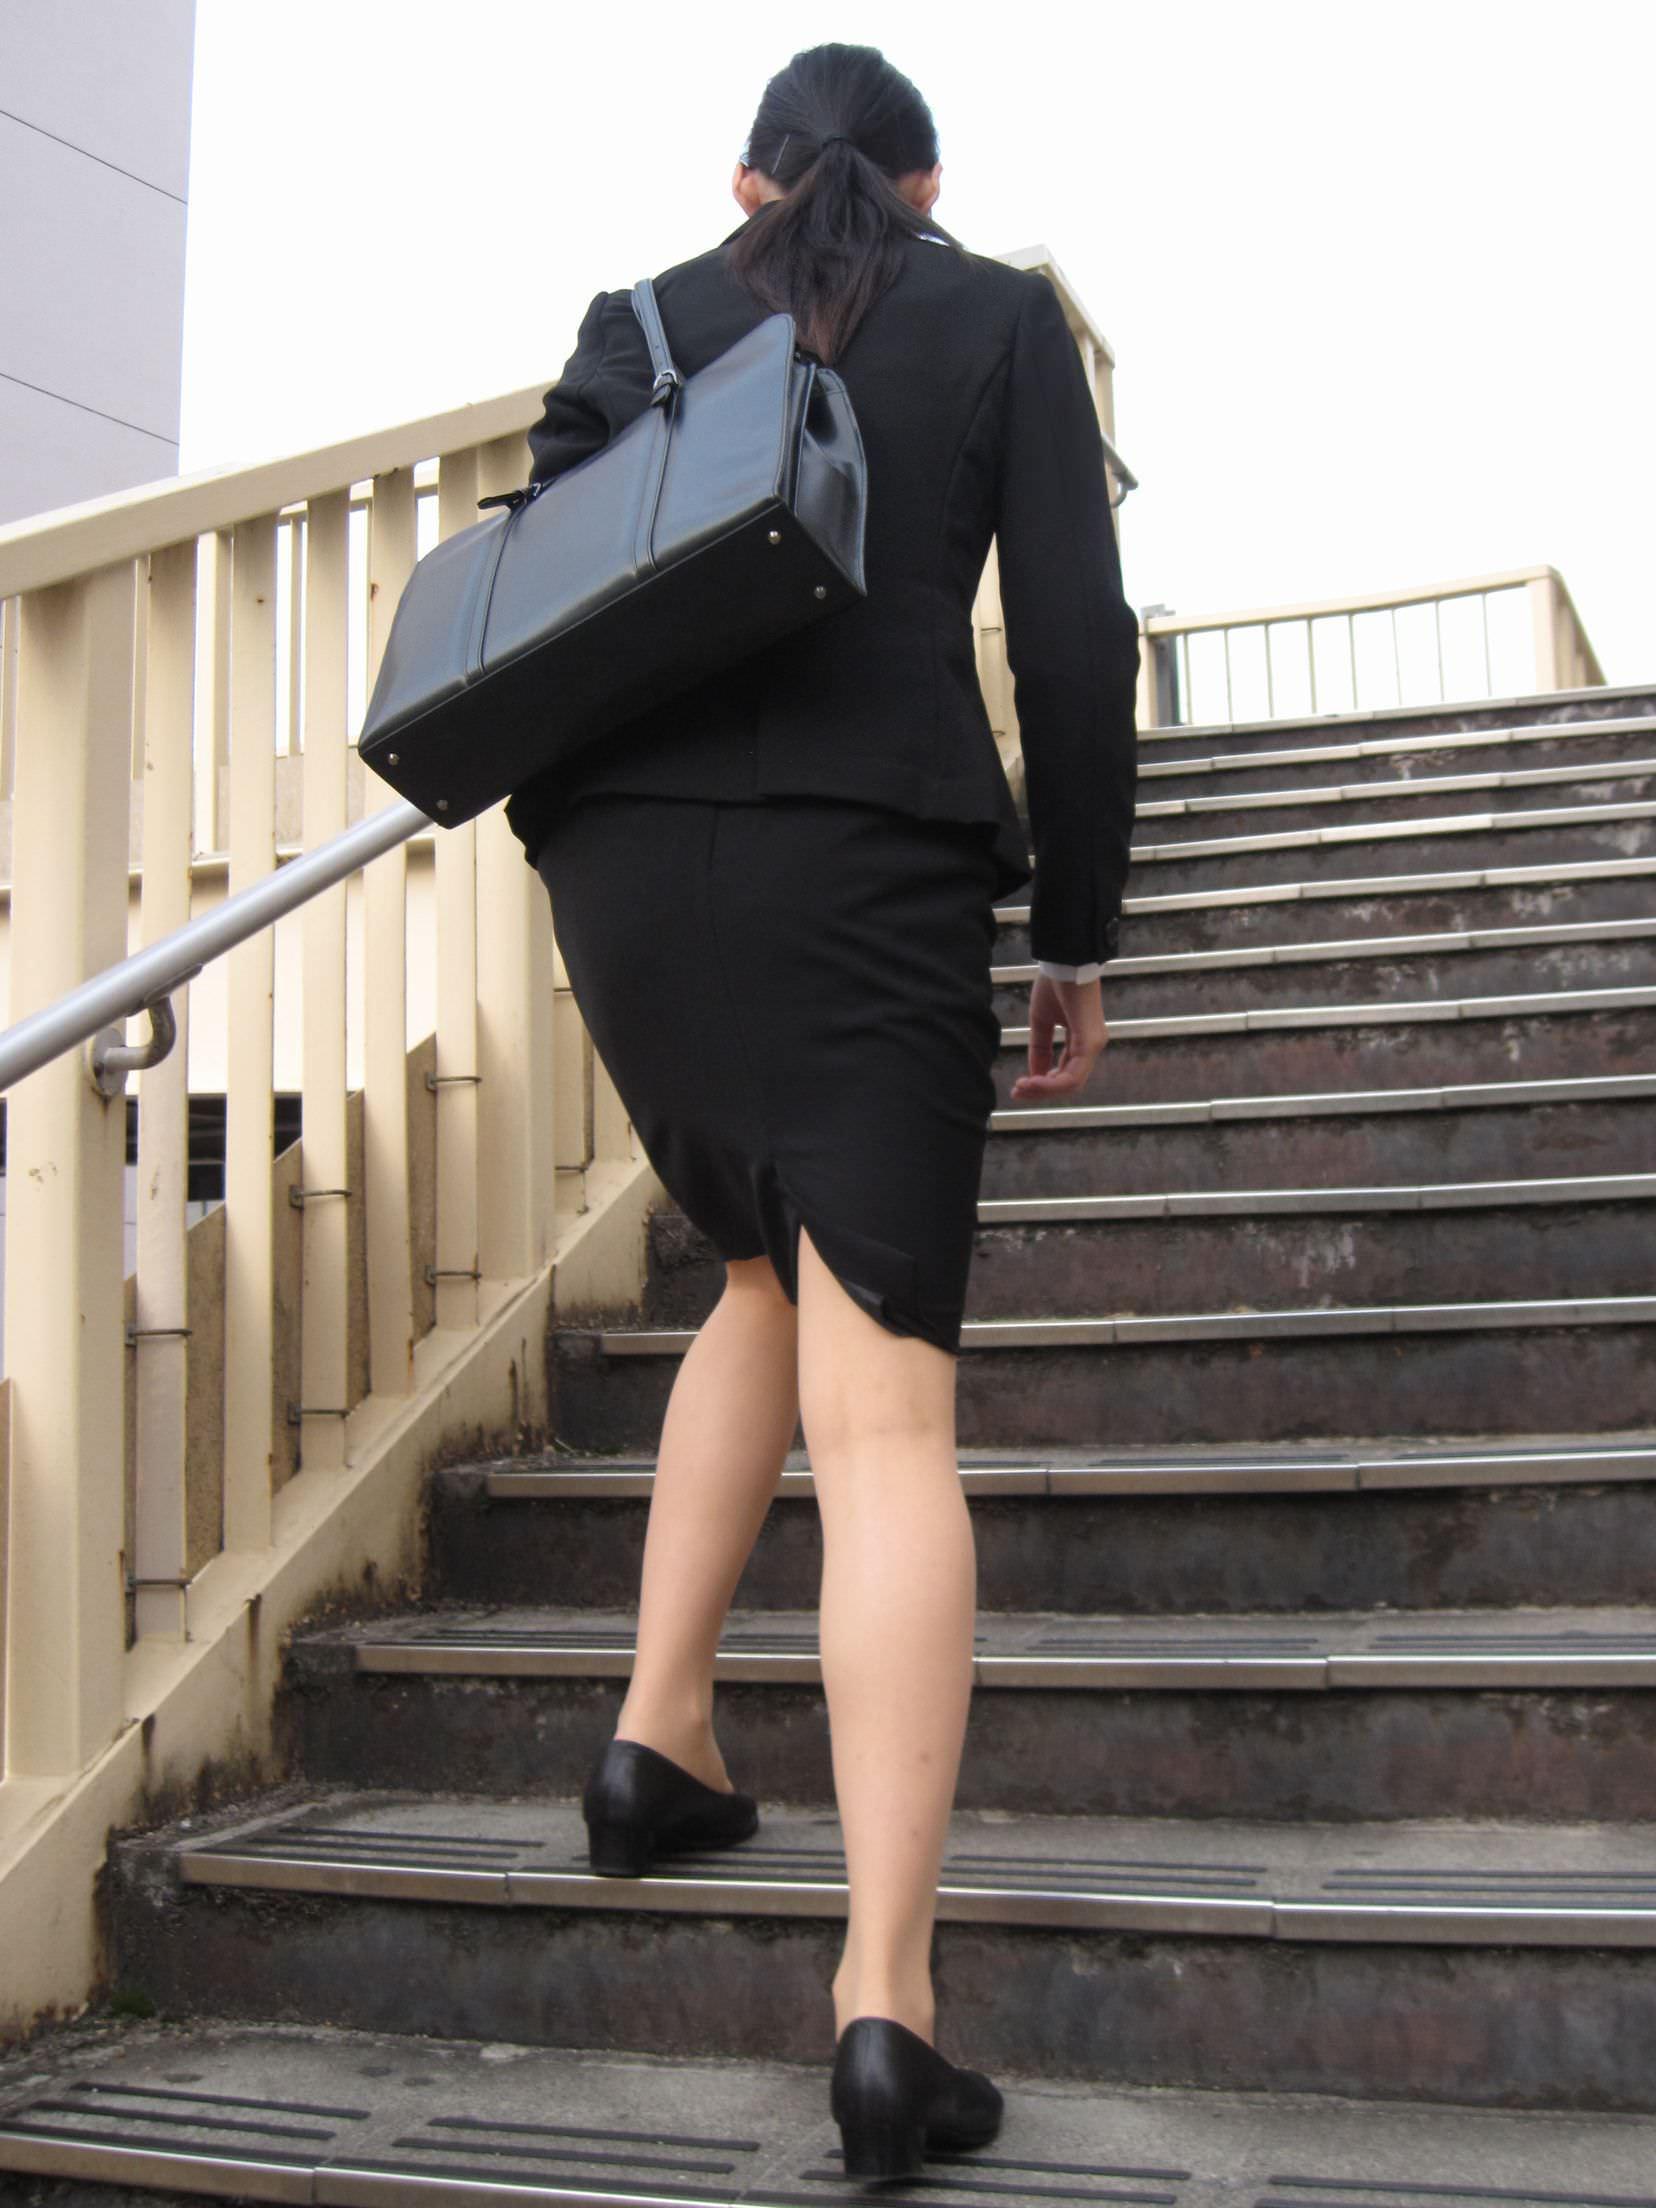 お尻の形が丸わかりなOLさんを尾行して街撮り盗撮www 3056